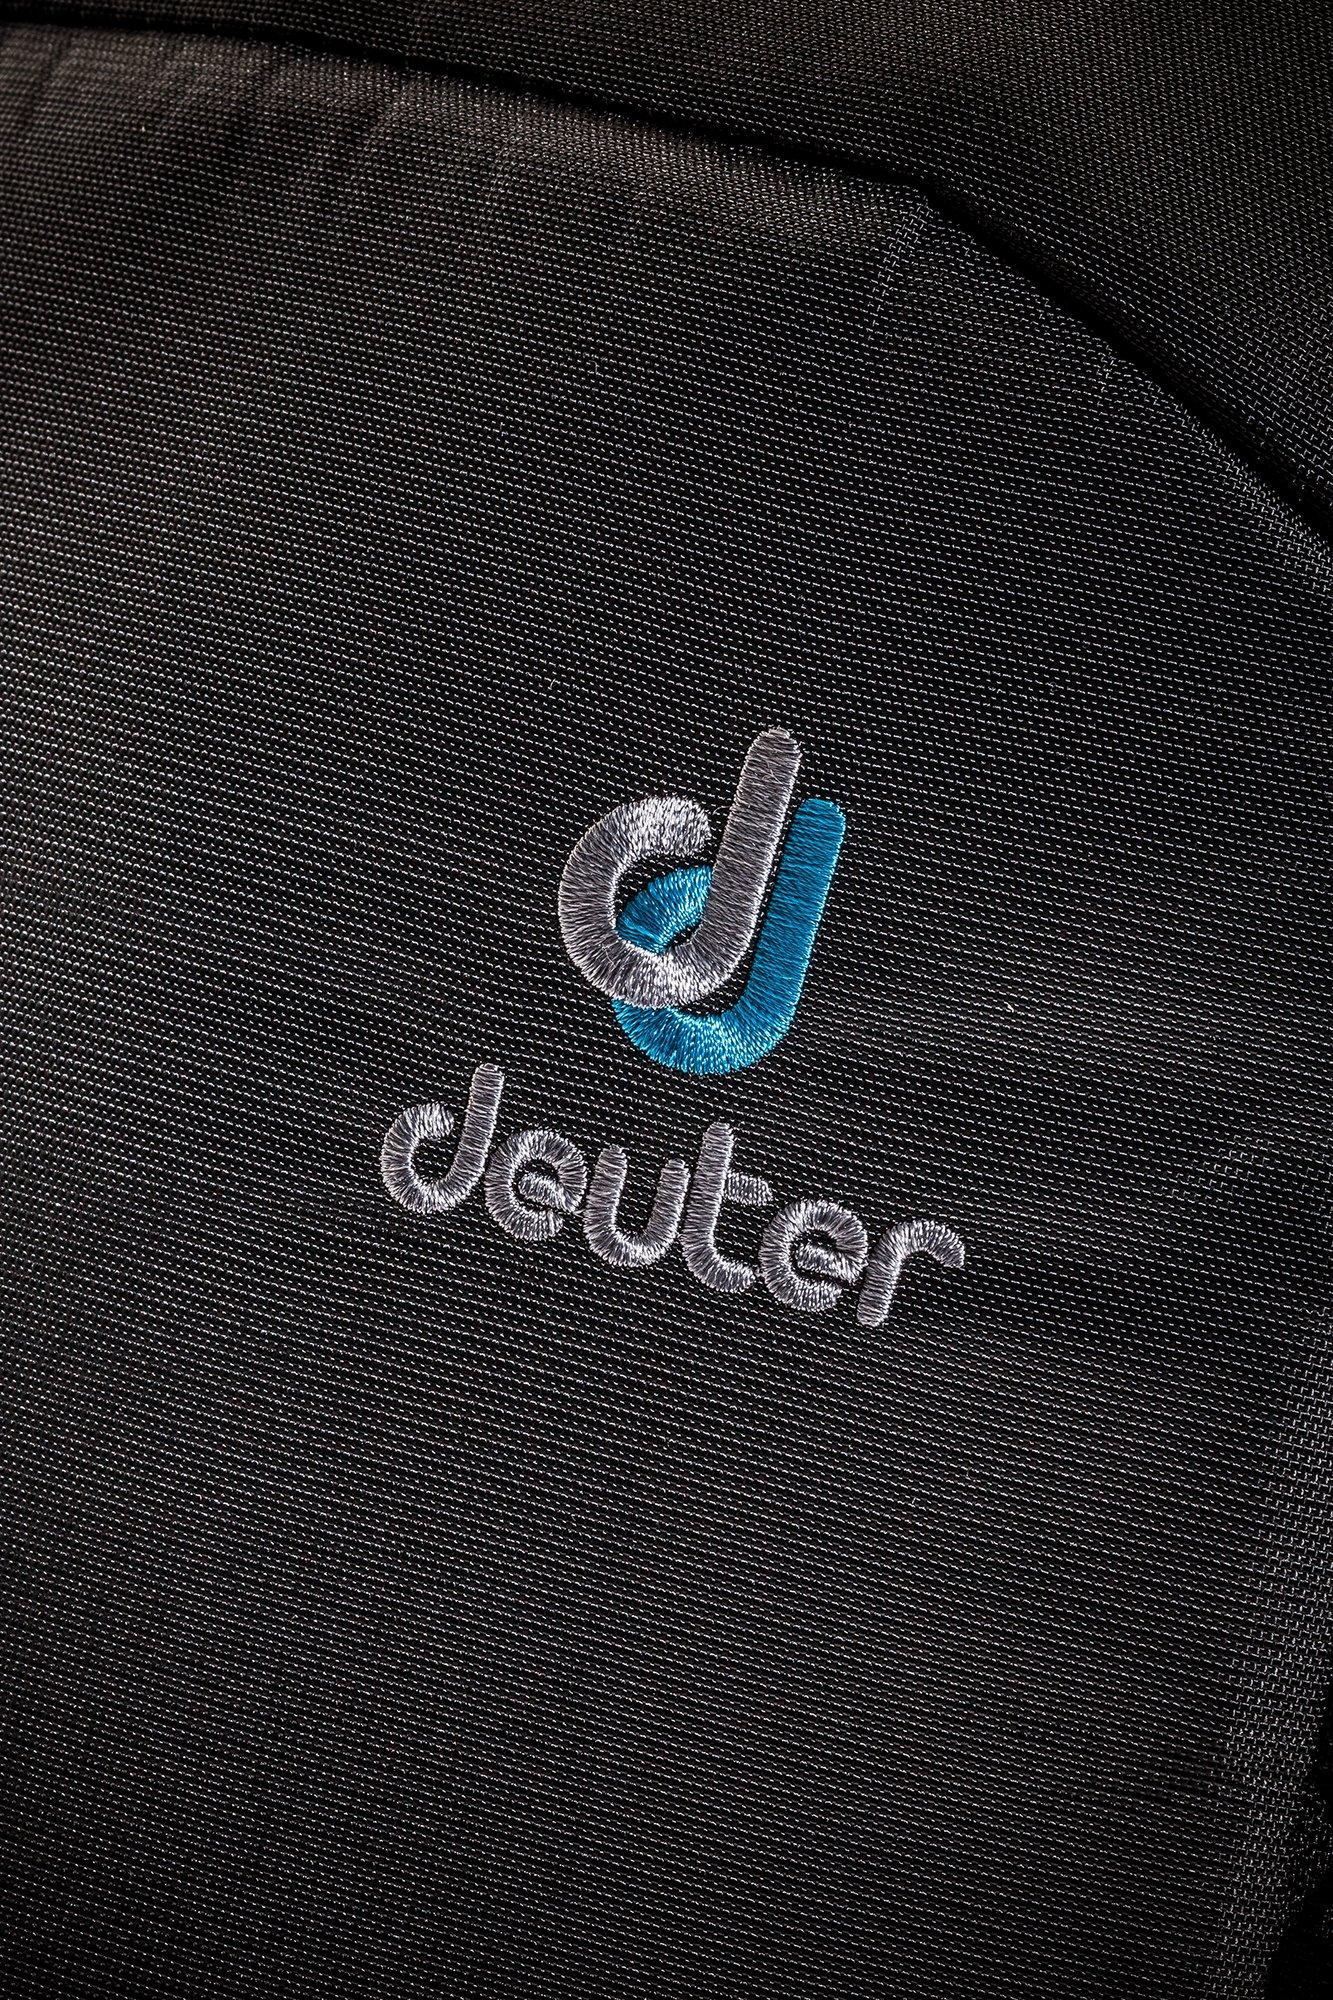 Deuter - AViANT Carry On Pro 36, Reiserucksack